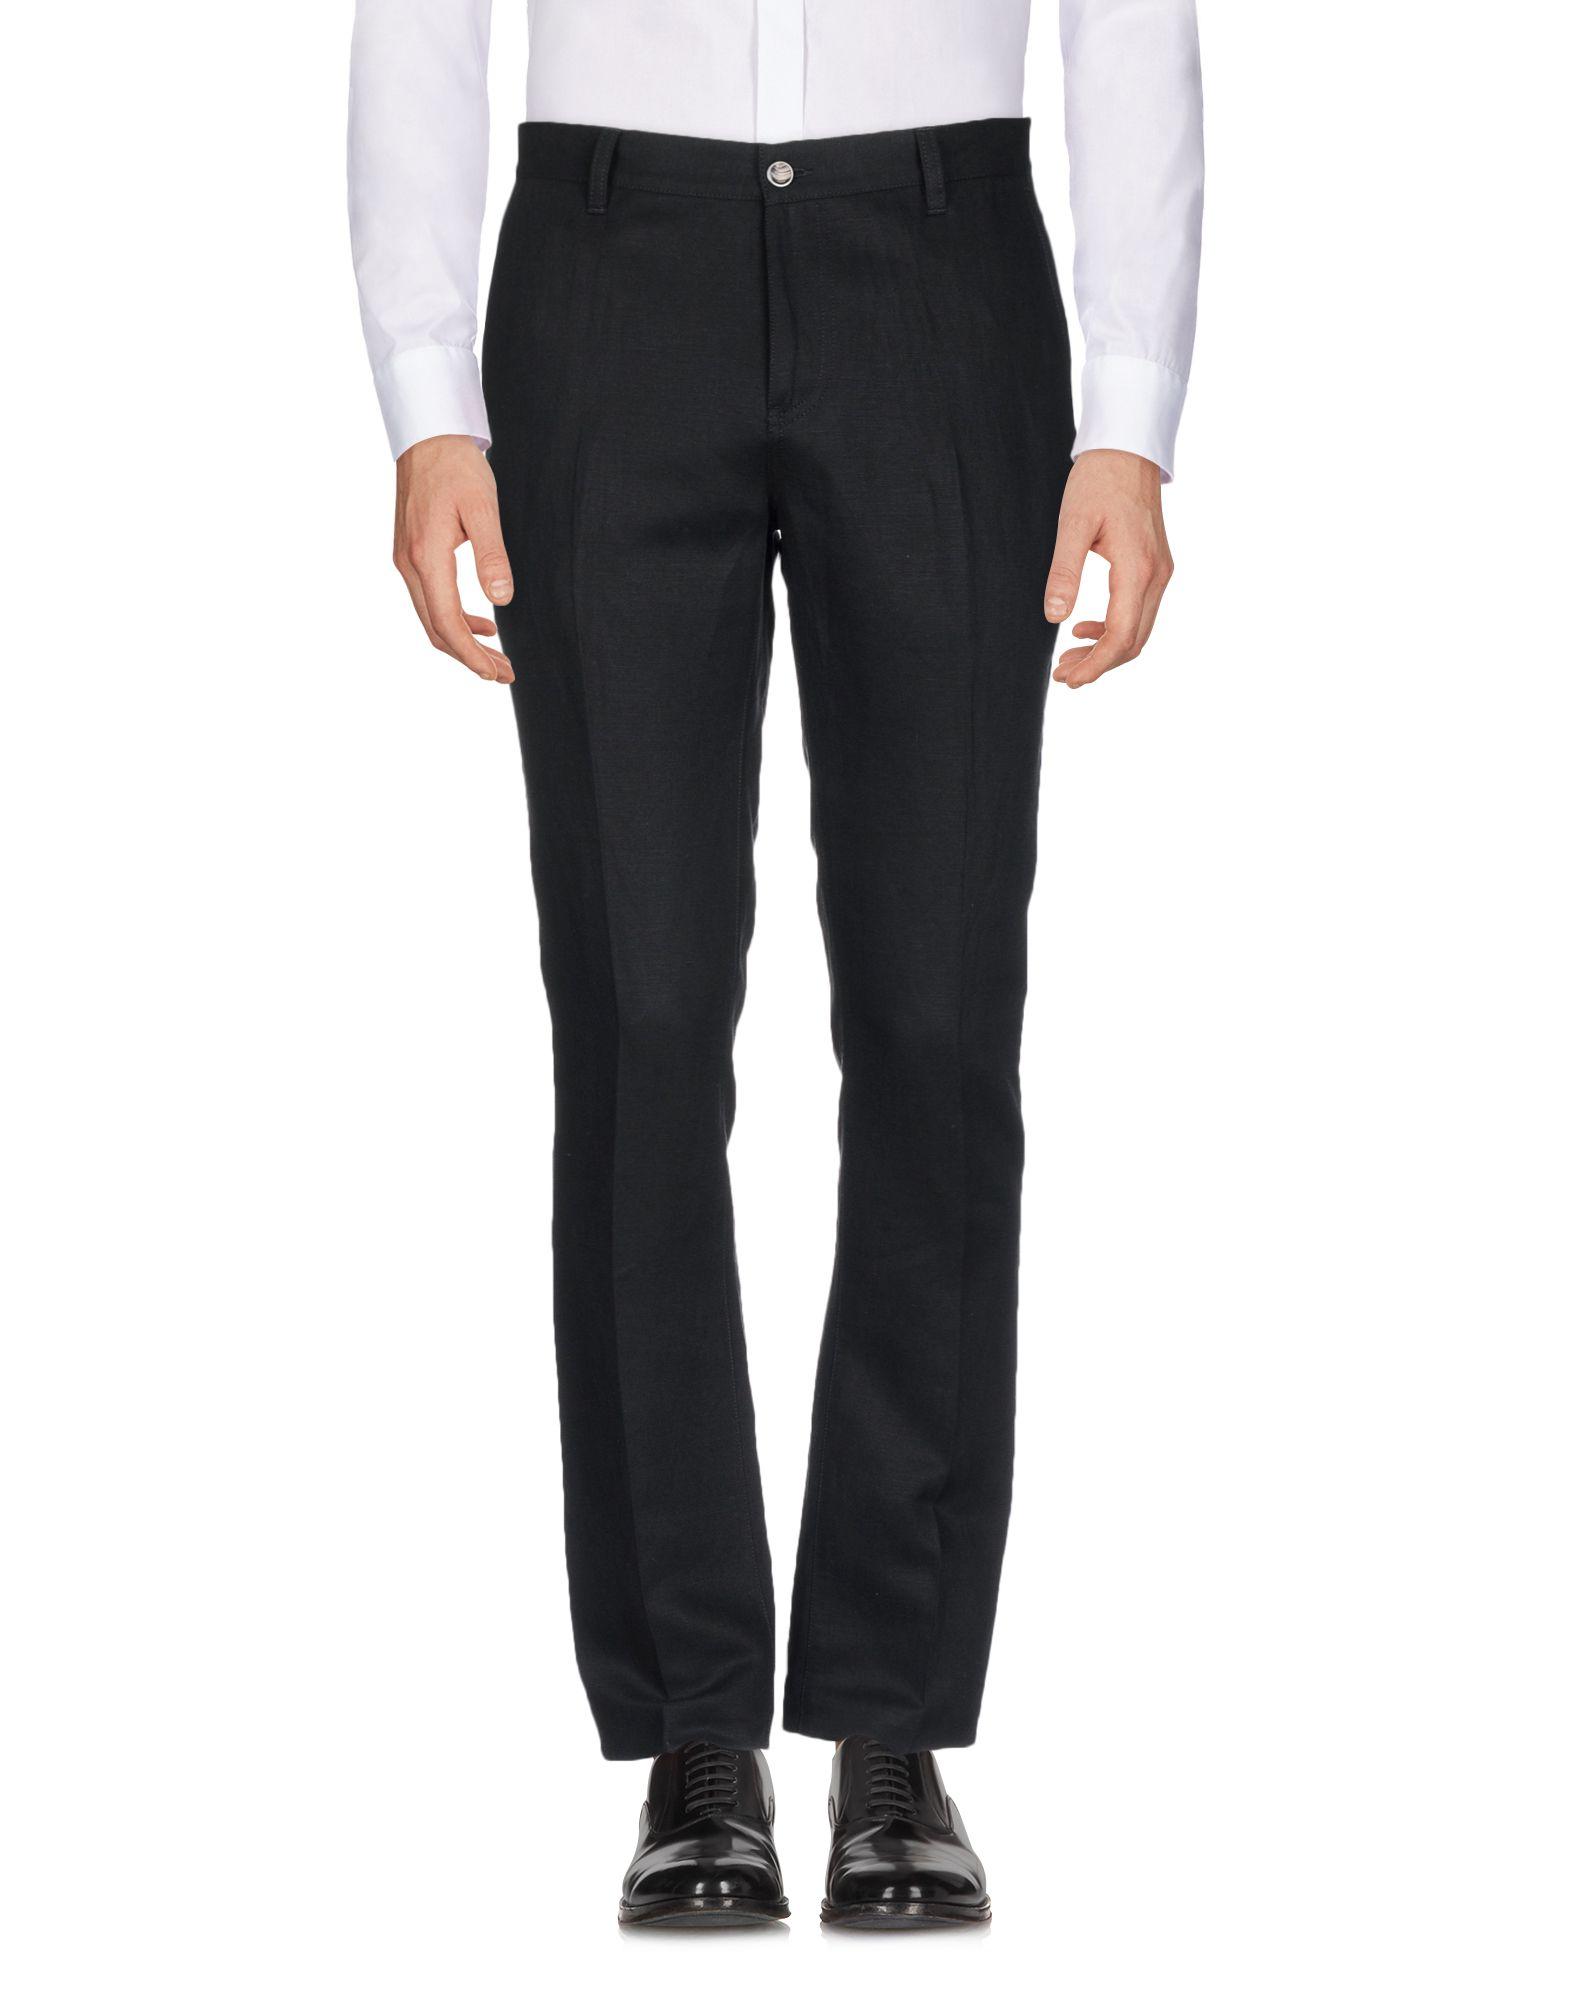 Pantalone John Varvatos Uomo - Acquista online su